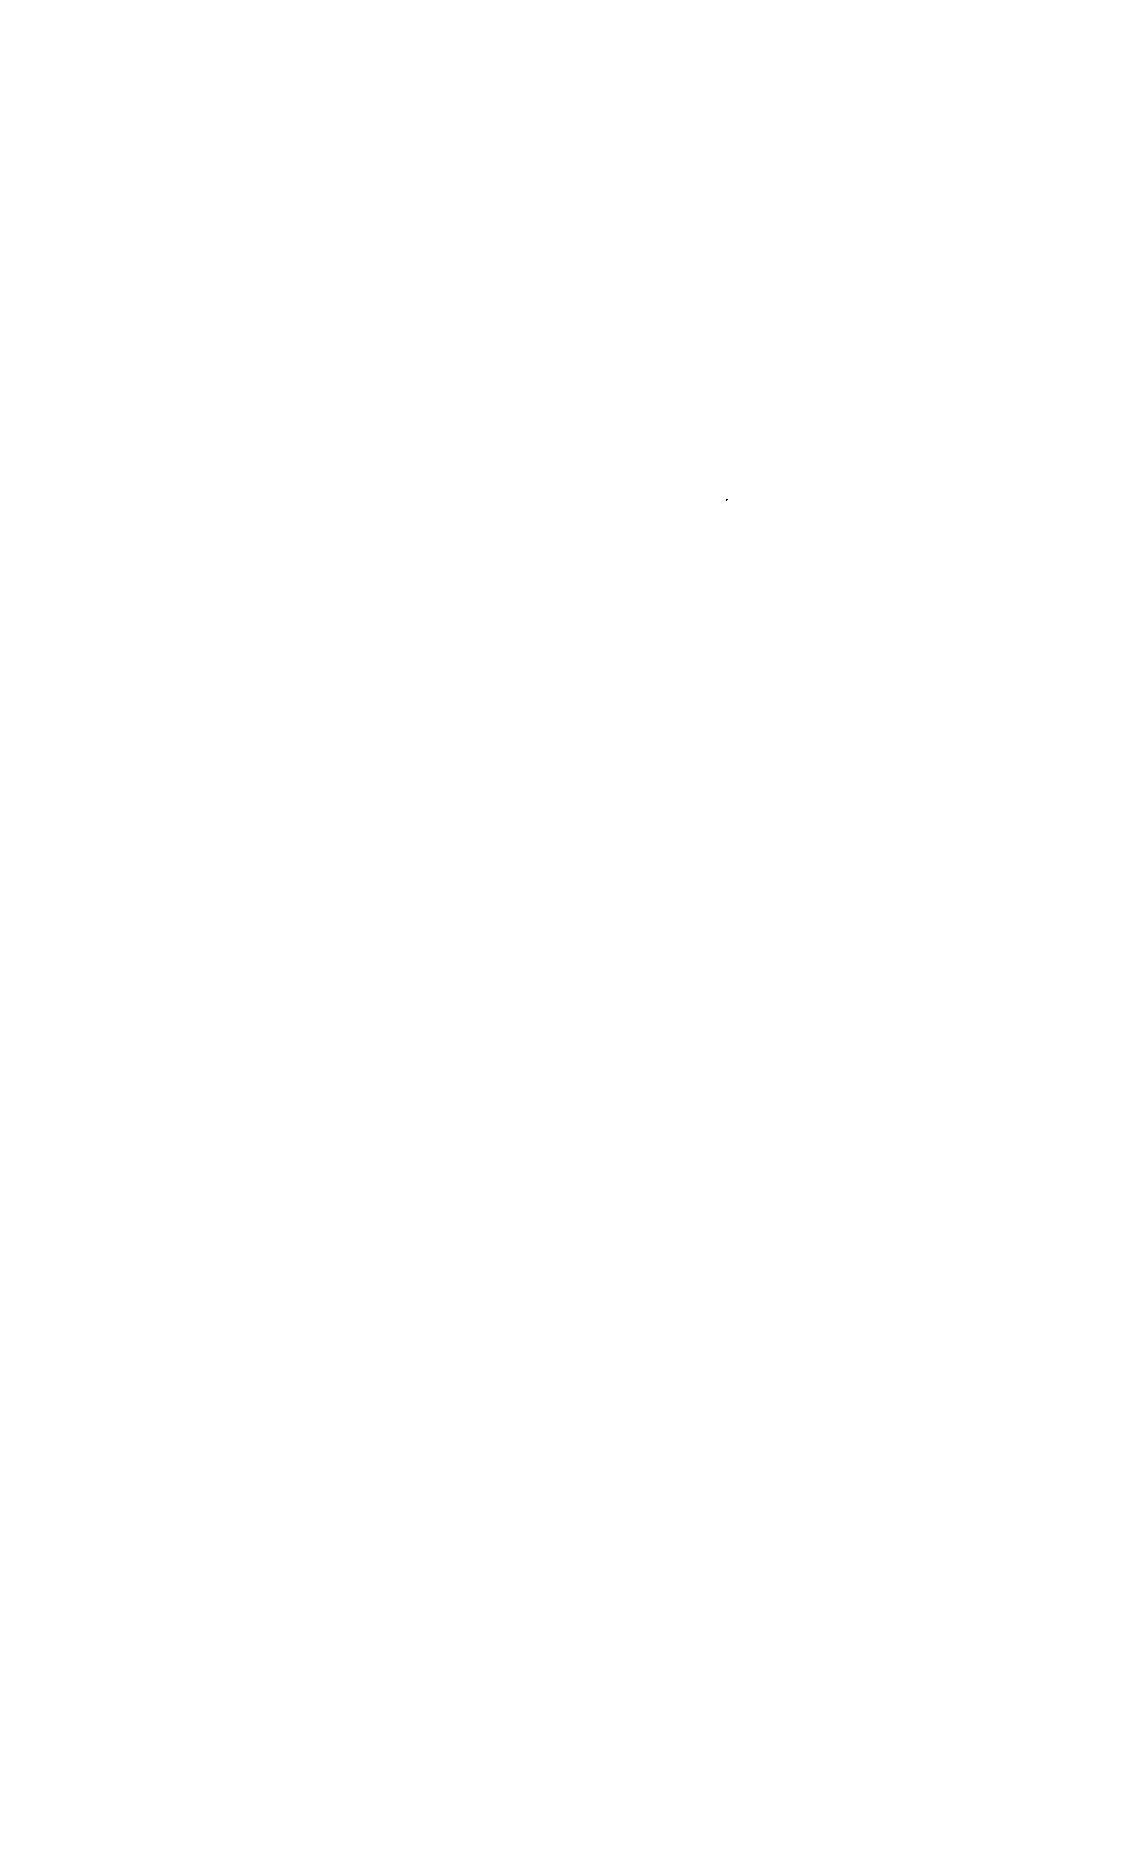 William R. (William Rheem), 1866-1923 Lighton - Lewis and Clark: Meriwether Lewis and William Clark